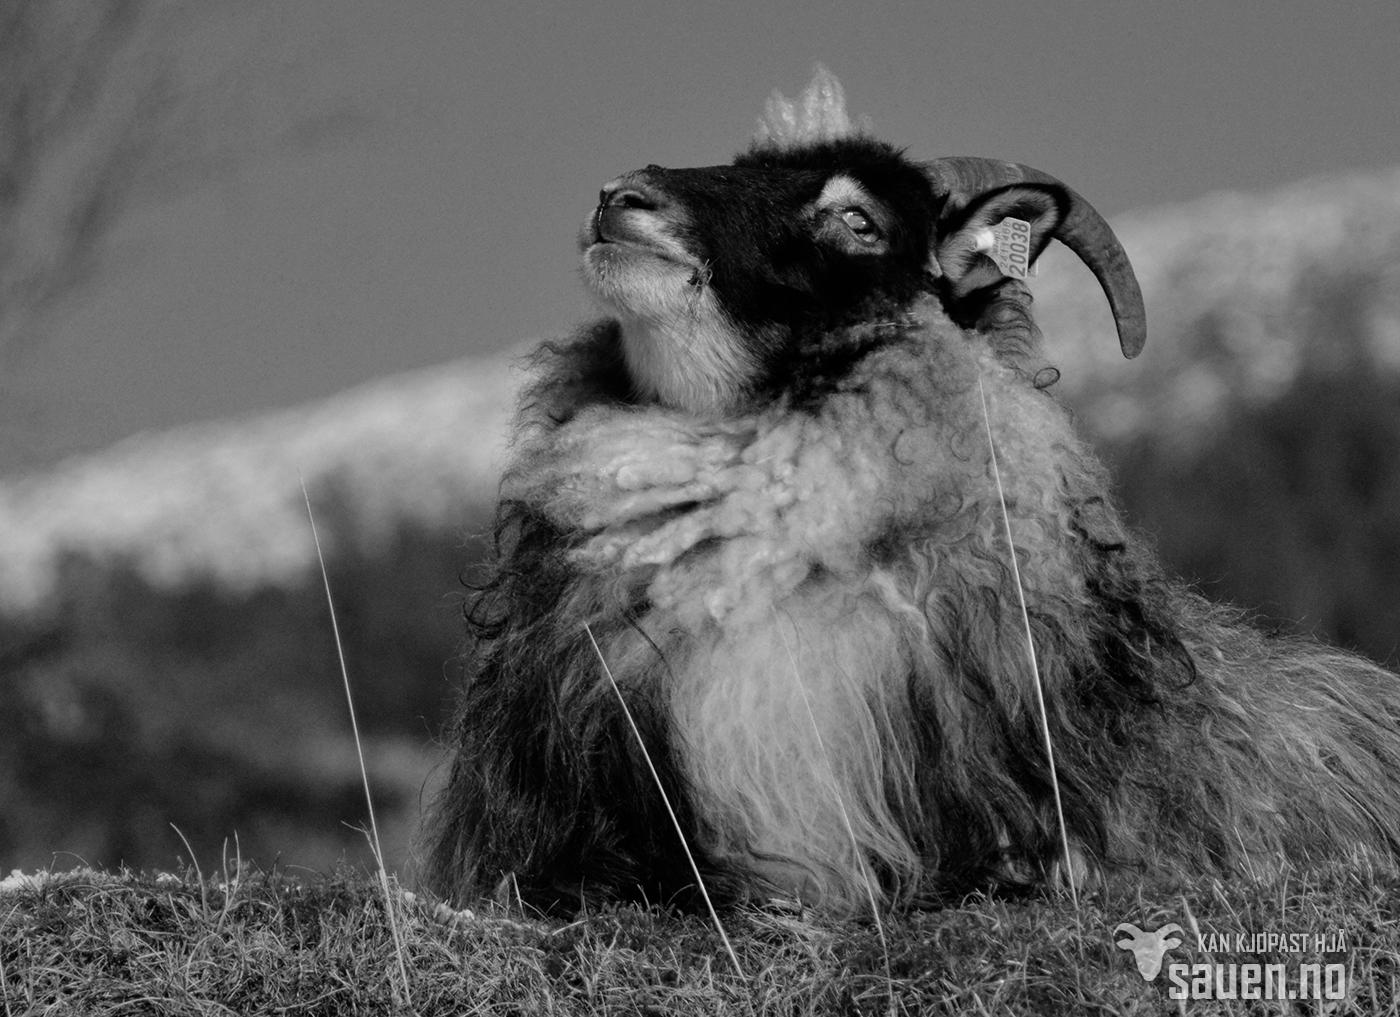 bilder av sau, sau, bilde av sau, gammalnorsk spælsau, sheep, photo of sheep, bw